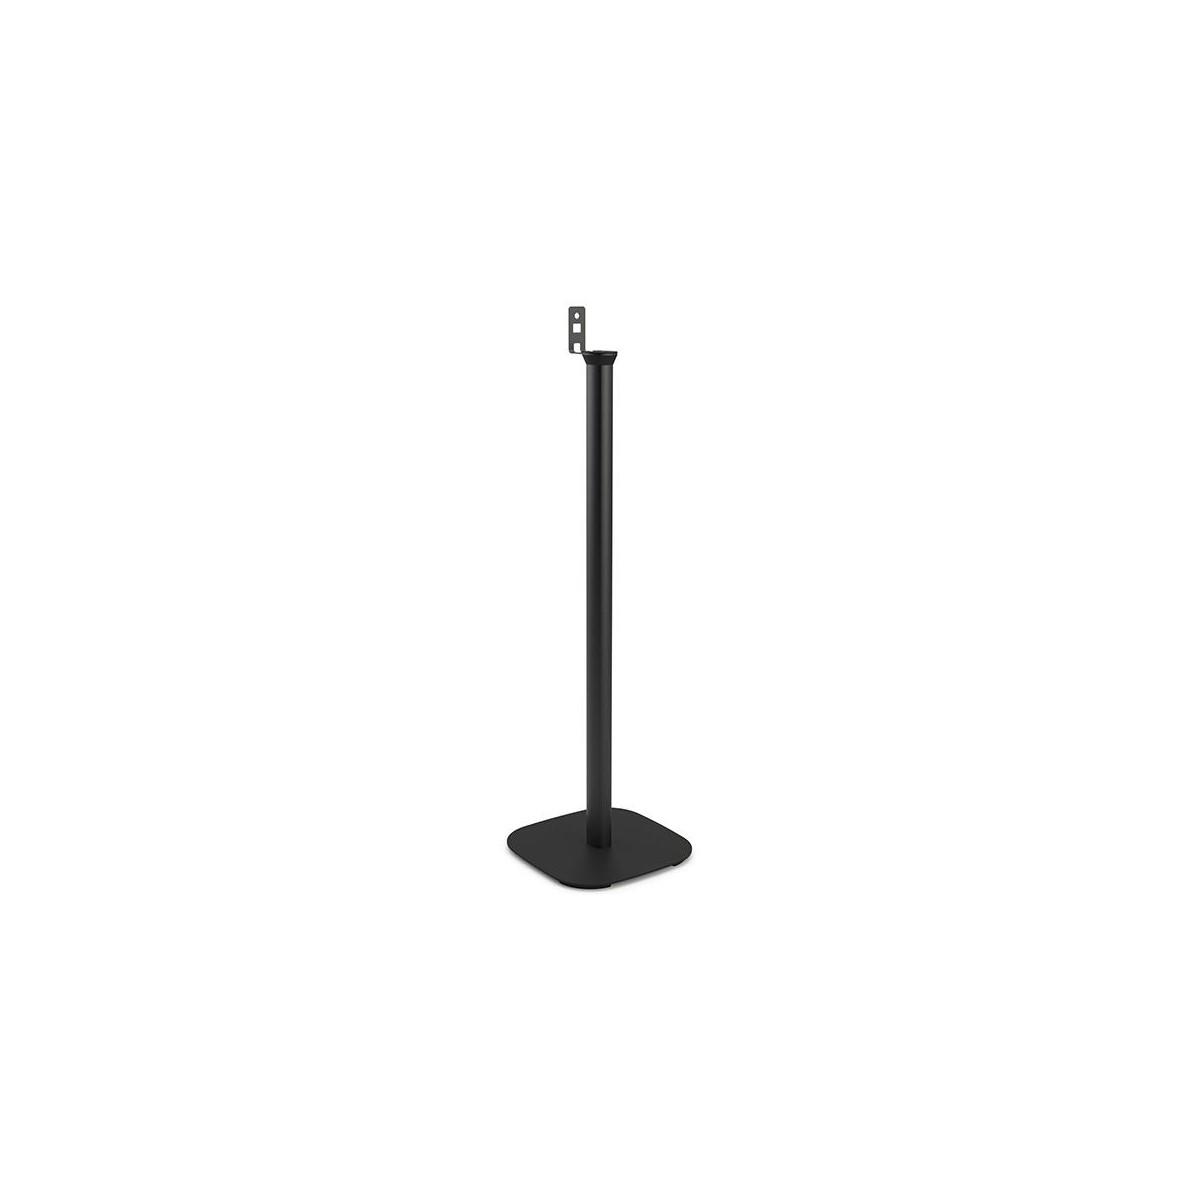 Stojak podłogowy do głośnika Play:1/One Sound 4301 (STAND 1)